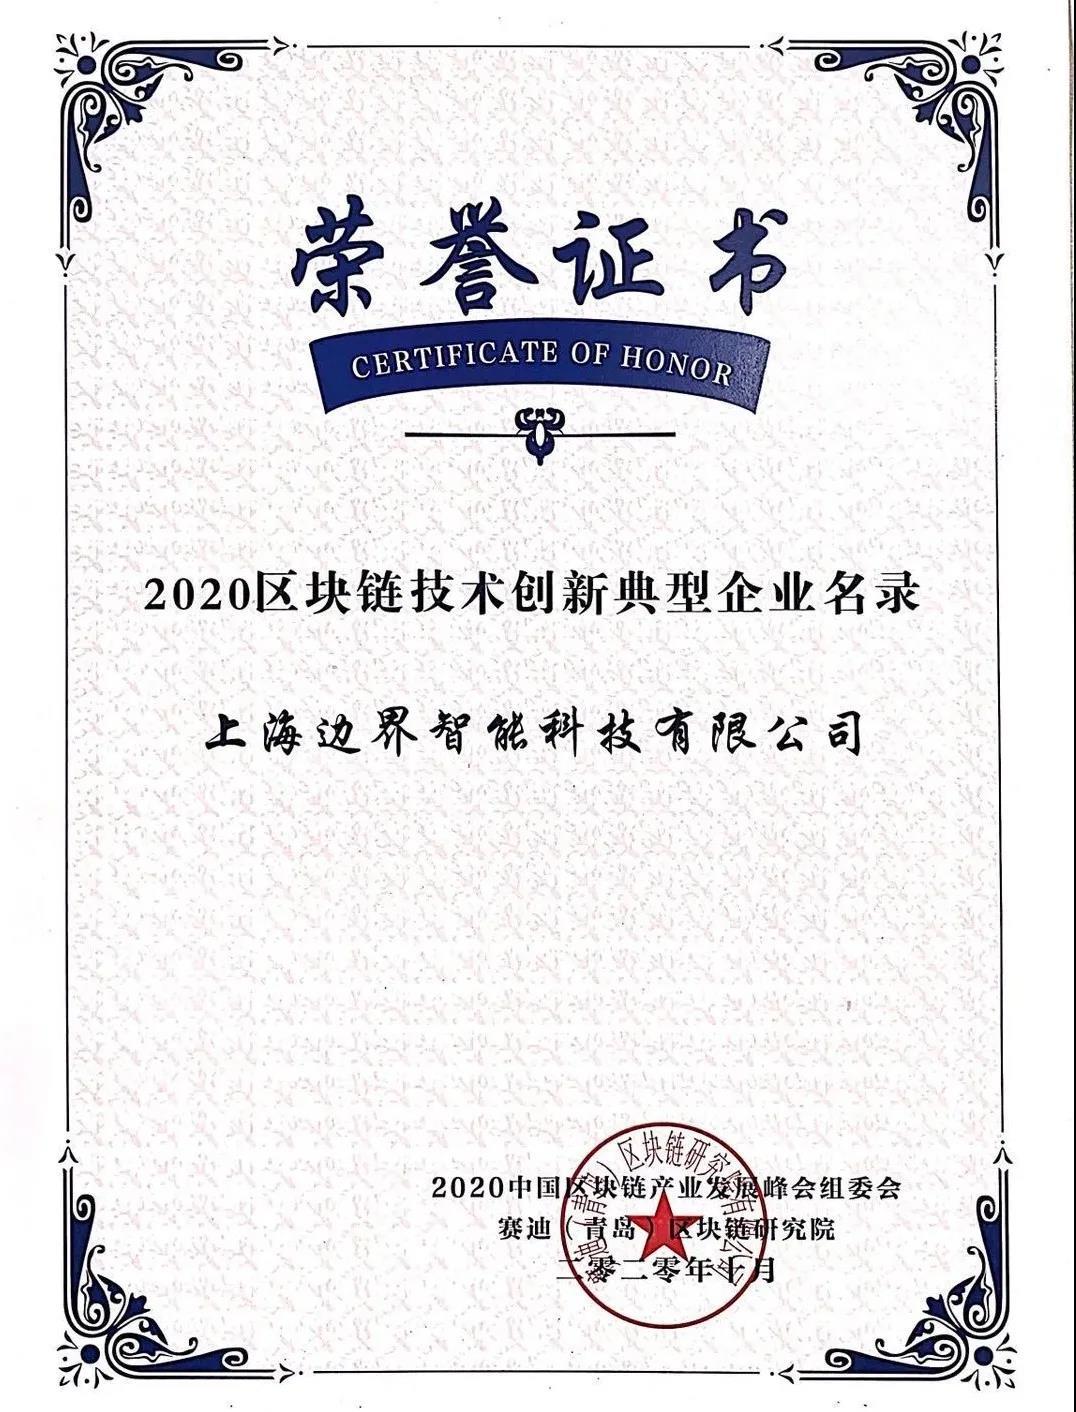 喜讯   边界智能荣获「2020 中国区块链技术创新典型企业」奖项